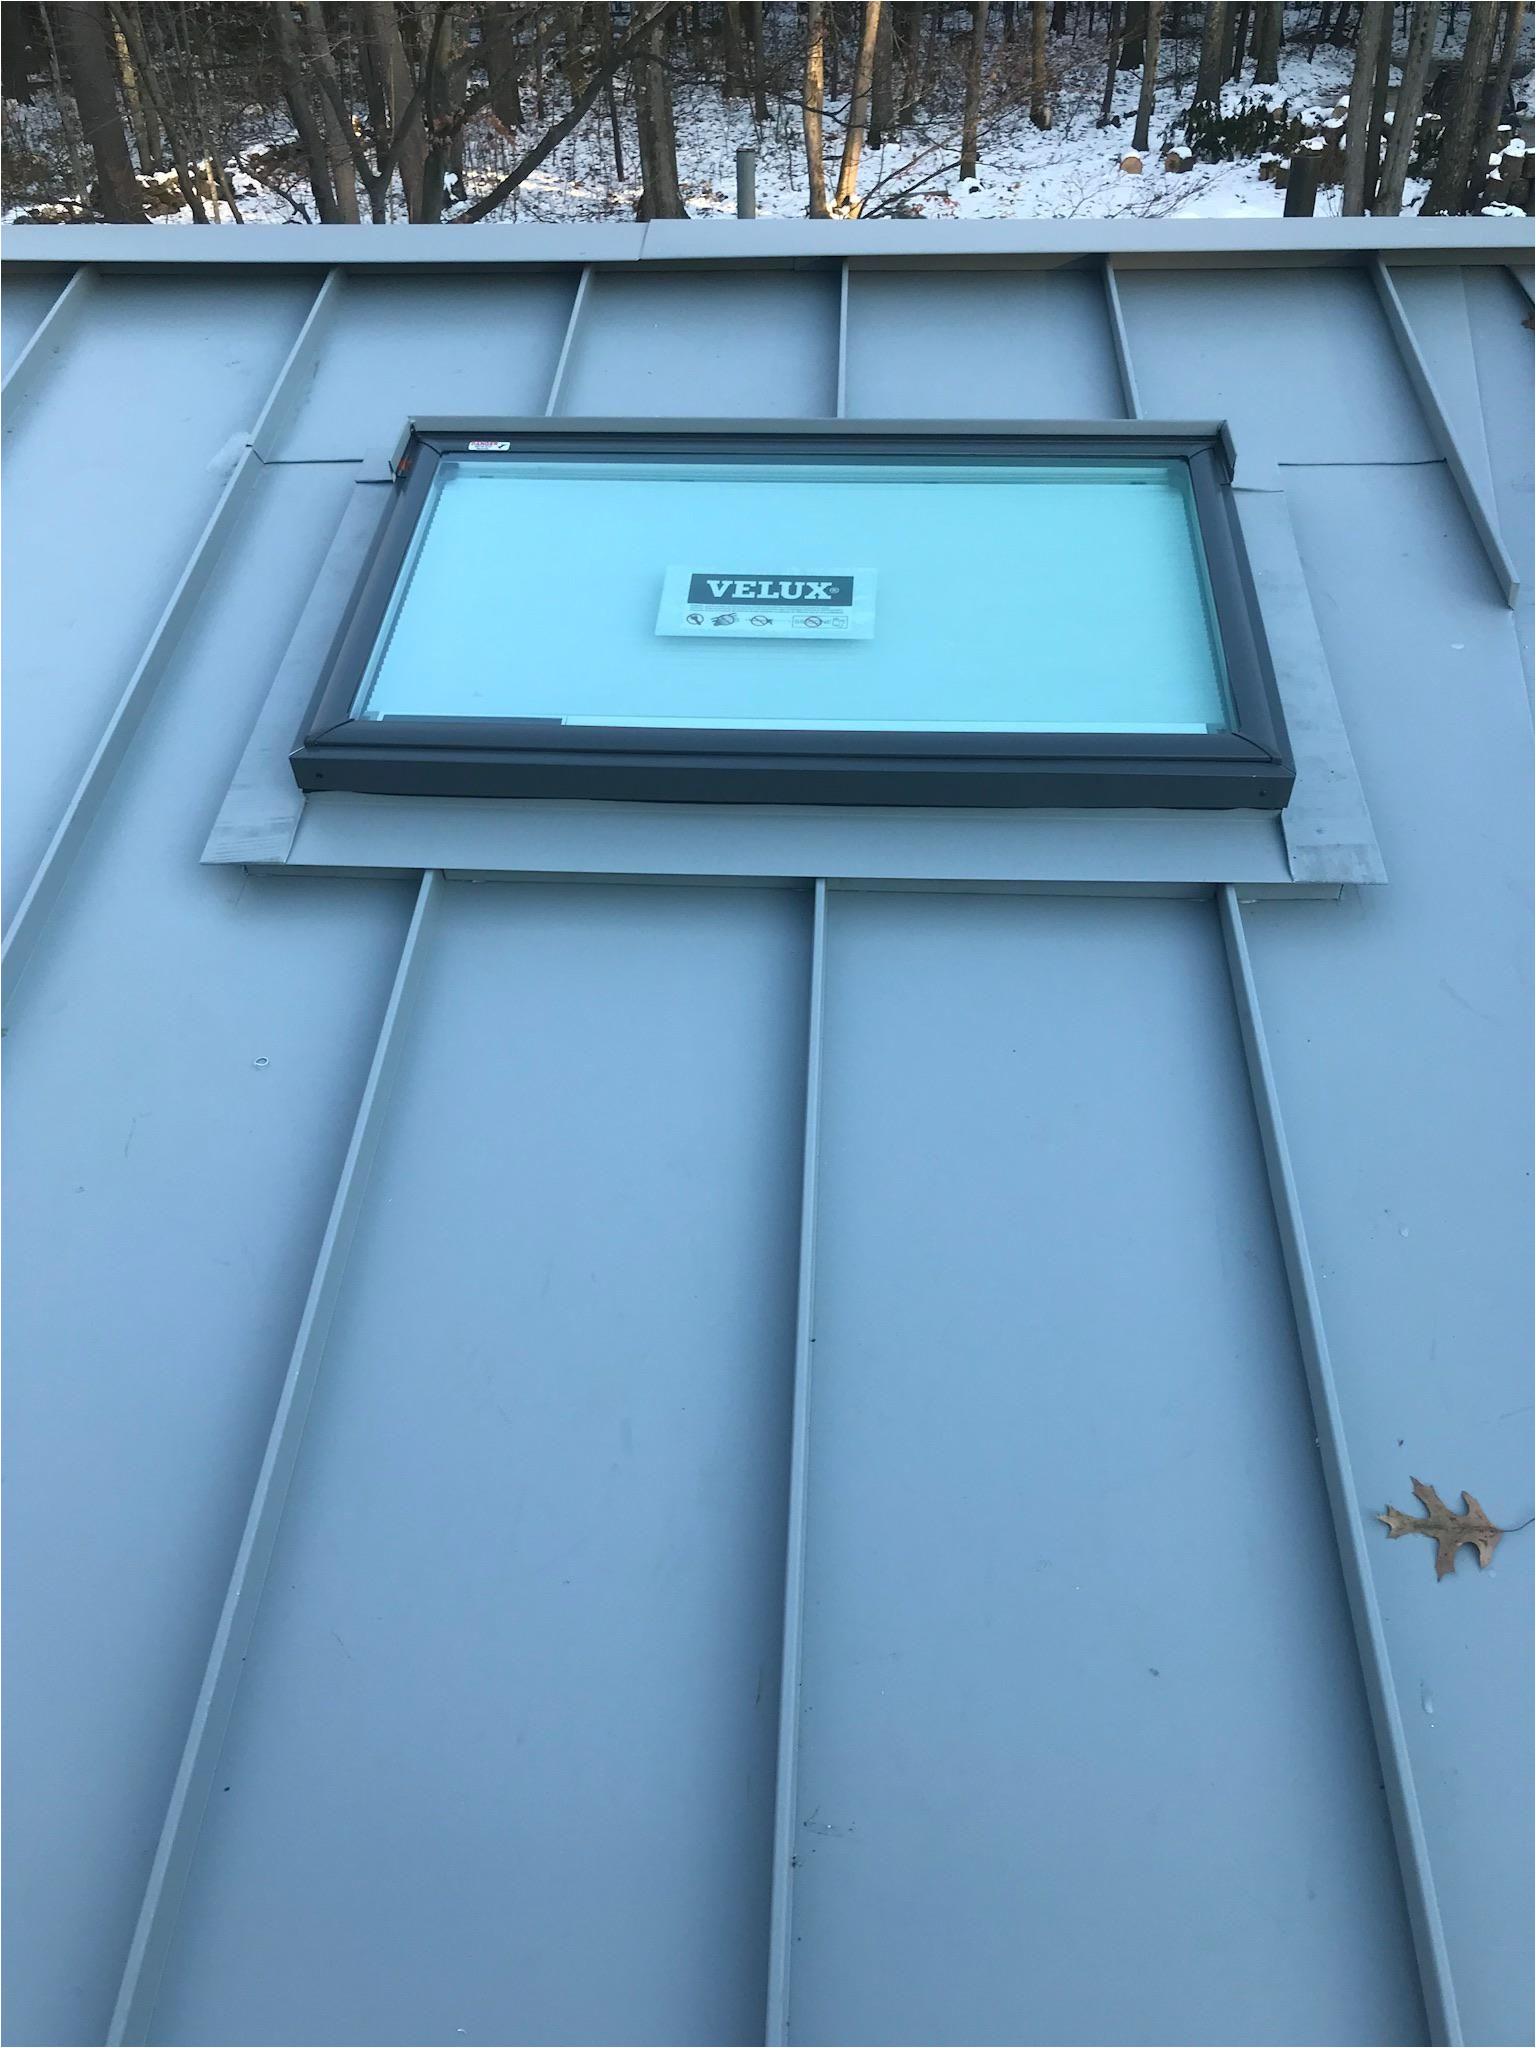 Velux Sun Tube Installation Instructions Standing Seam Standing Seam Metal Roofs Metal Roof Skylight